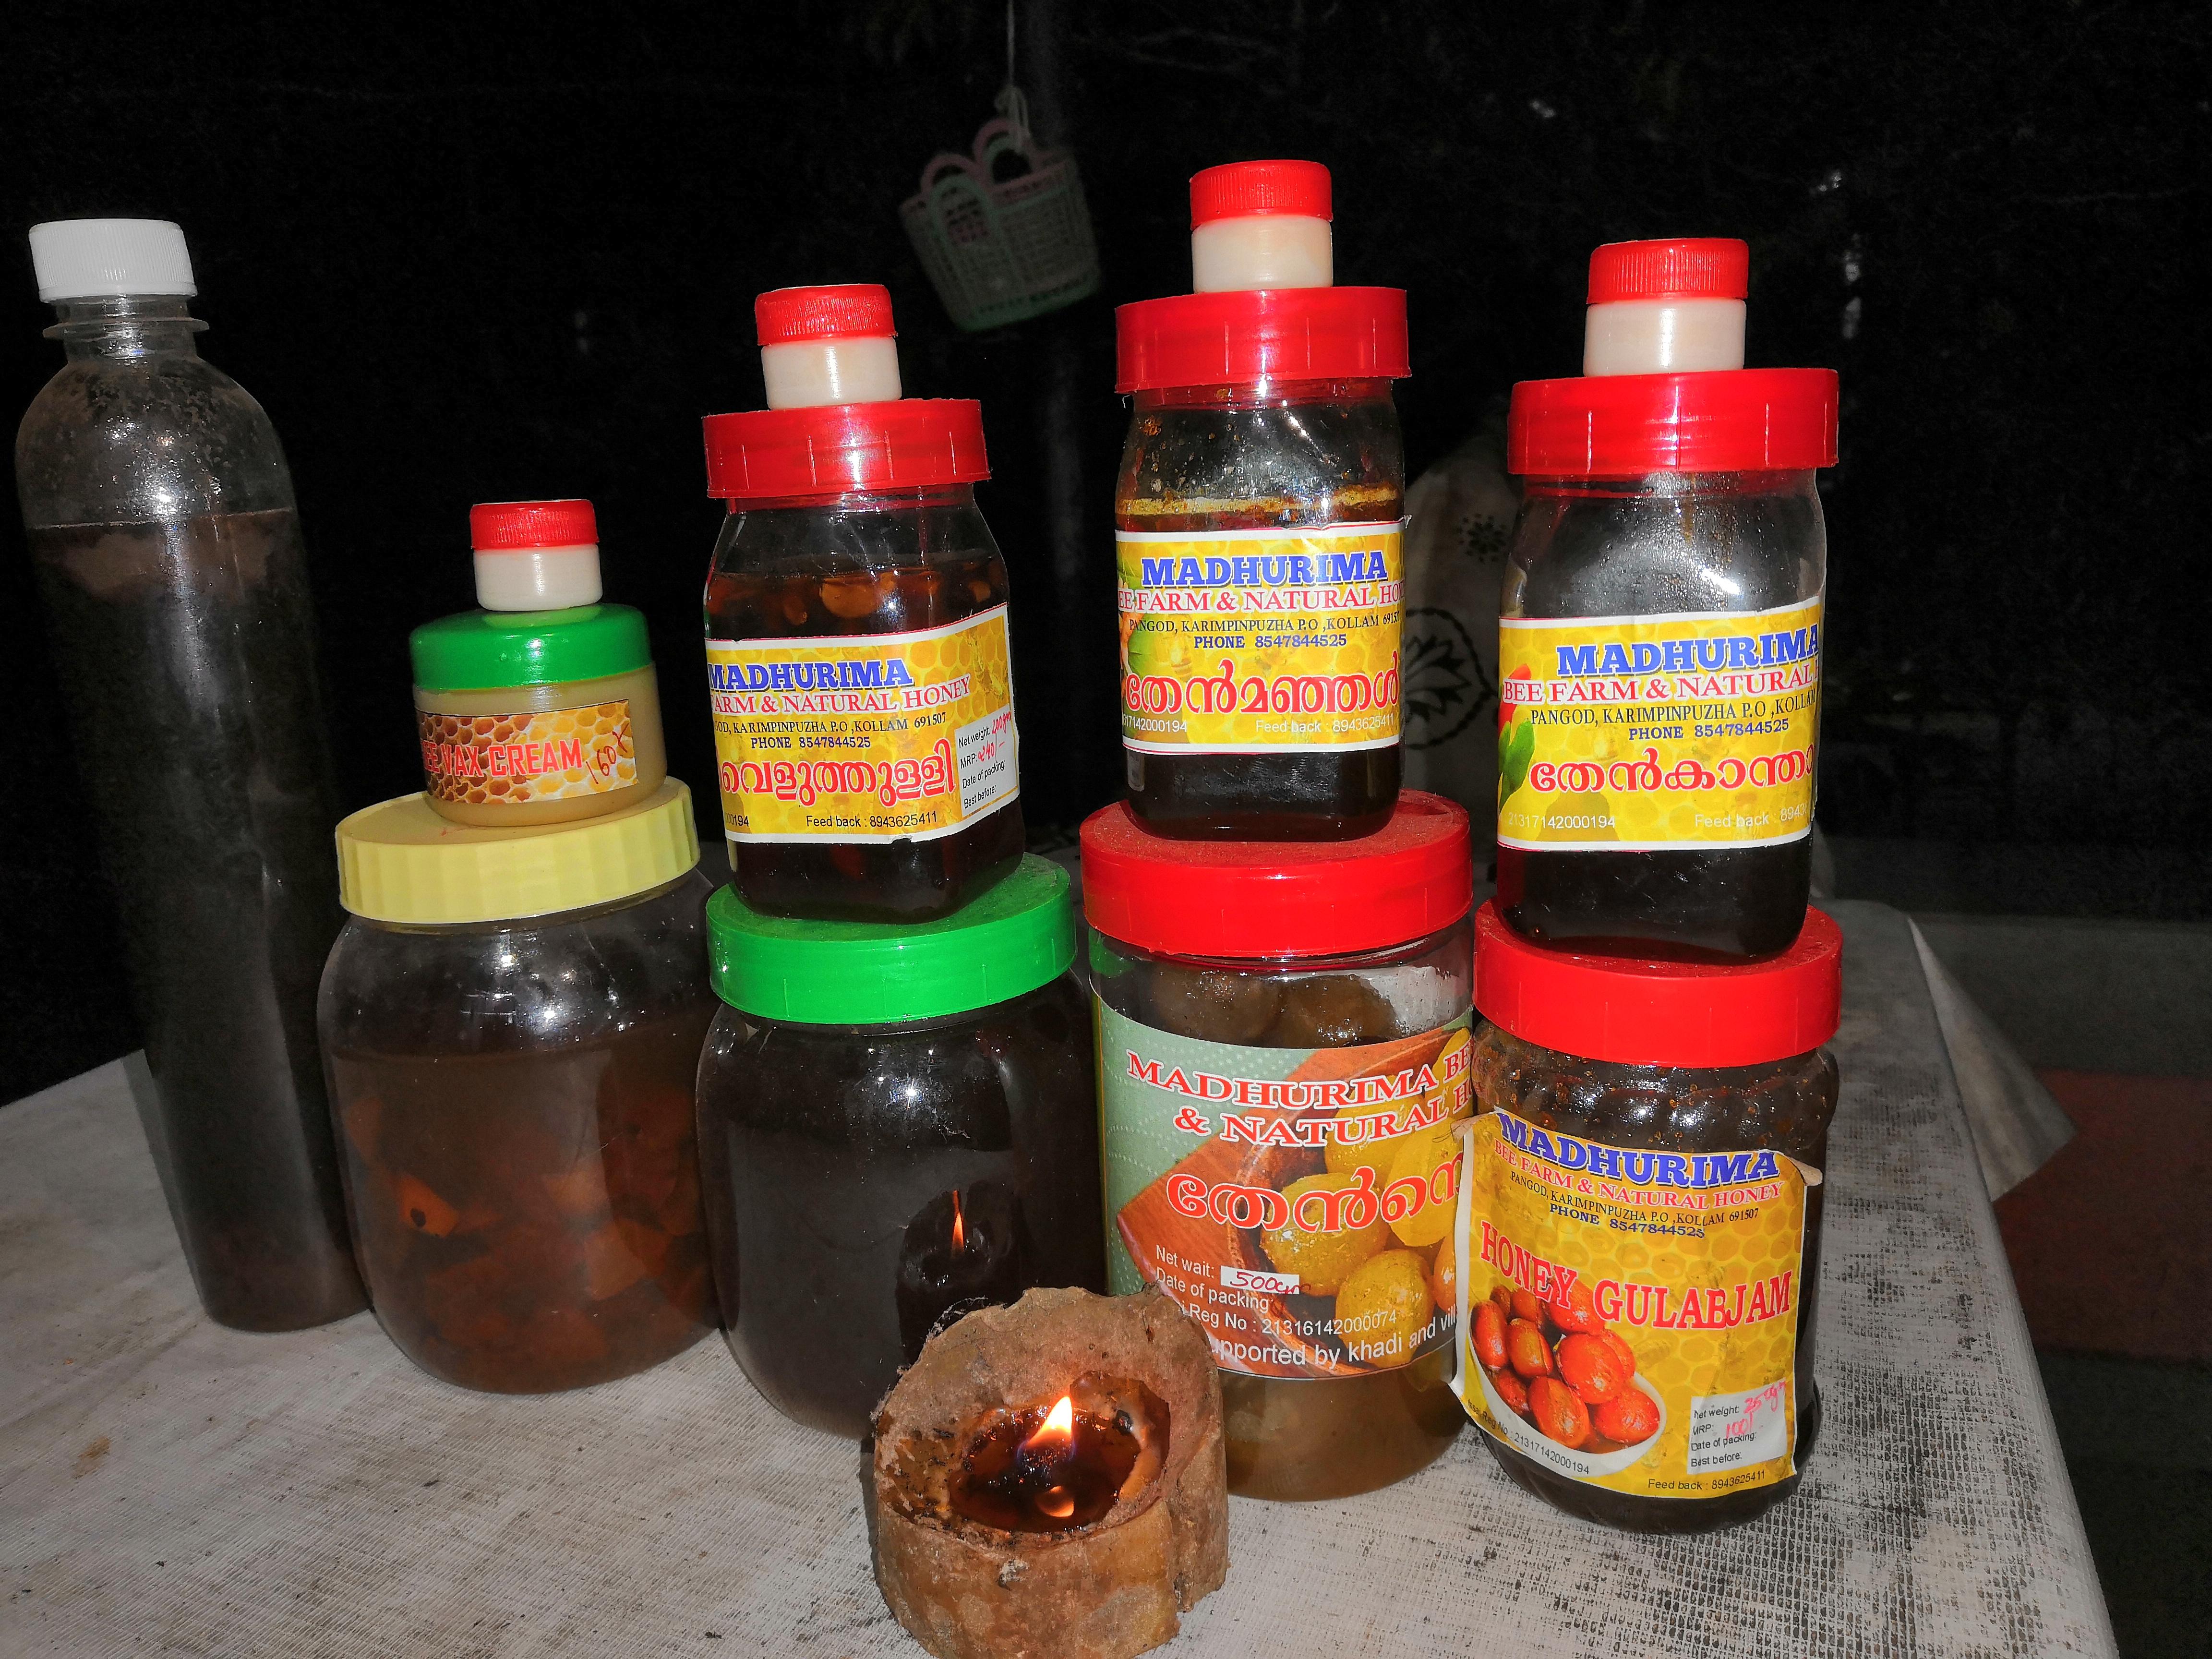 Madhurima Natural Honey